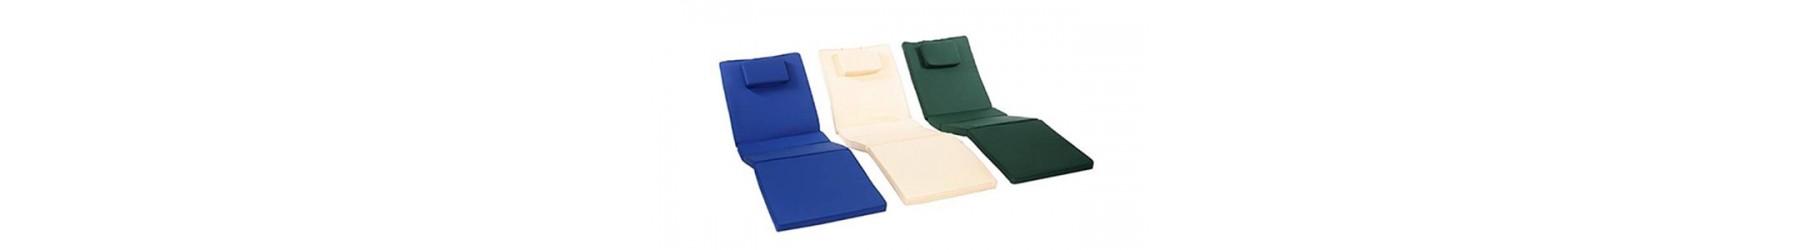 Μαξιλάρια εξωτερικής χρήσης για ξαπλώστρες σε όλες τις διαστάσεις.